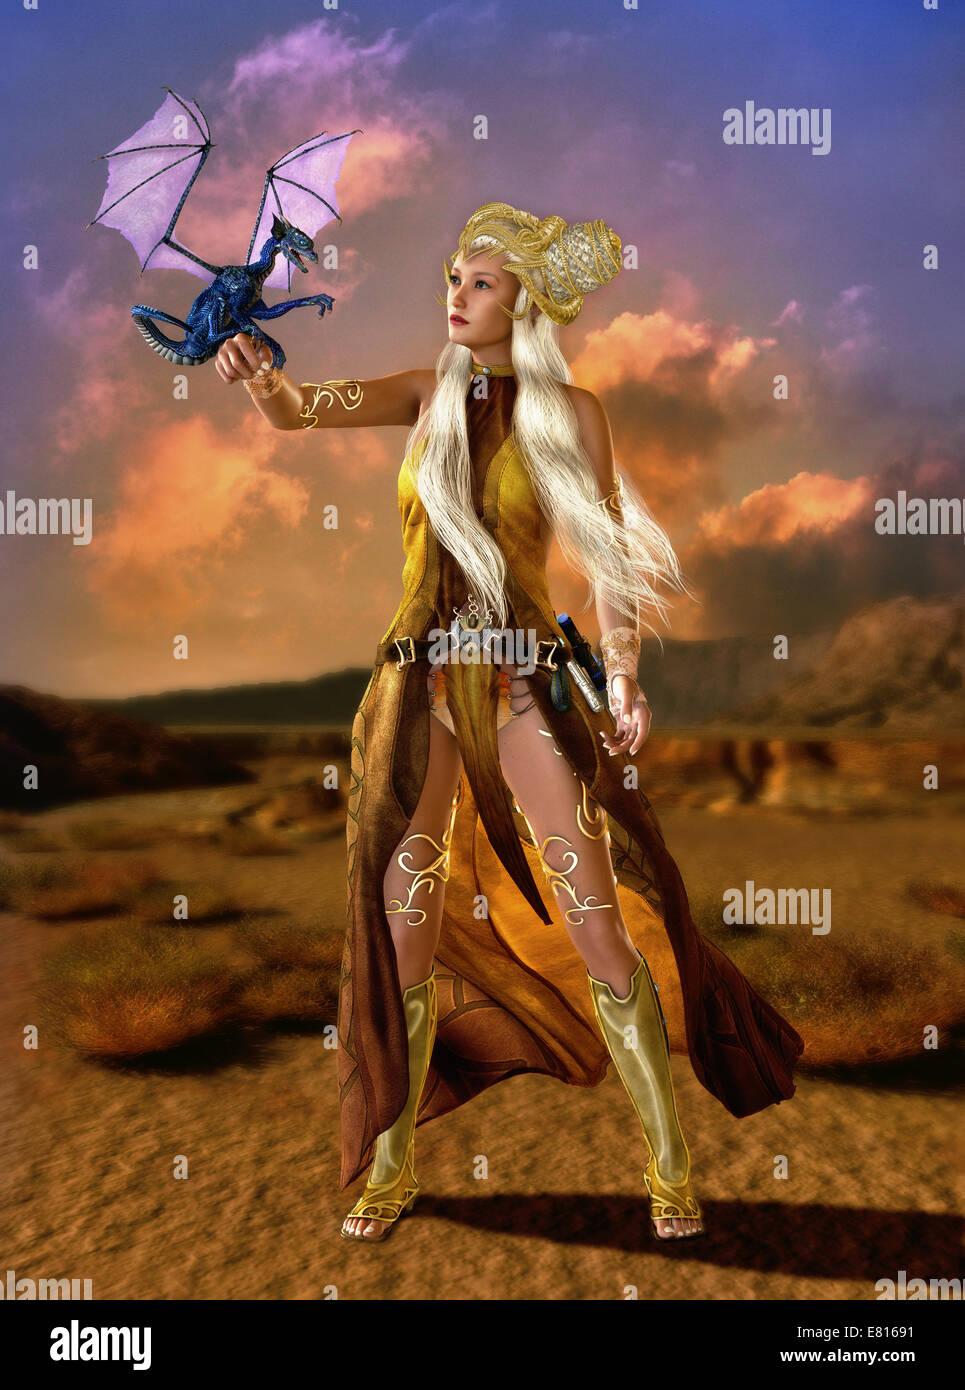 Señora con la fantasía de peinado y ropa de fantasía con un cachorro de dragón en el brazo Imagen De Stock